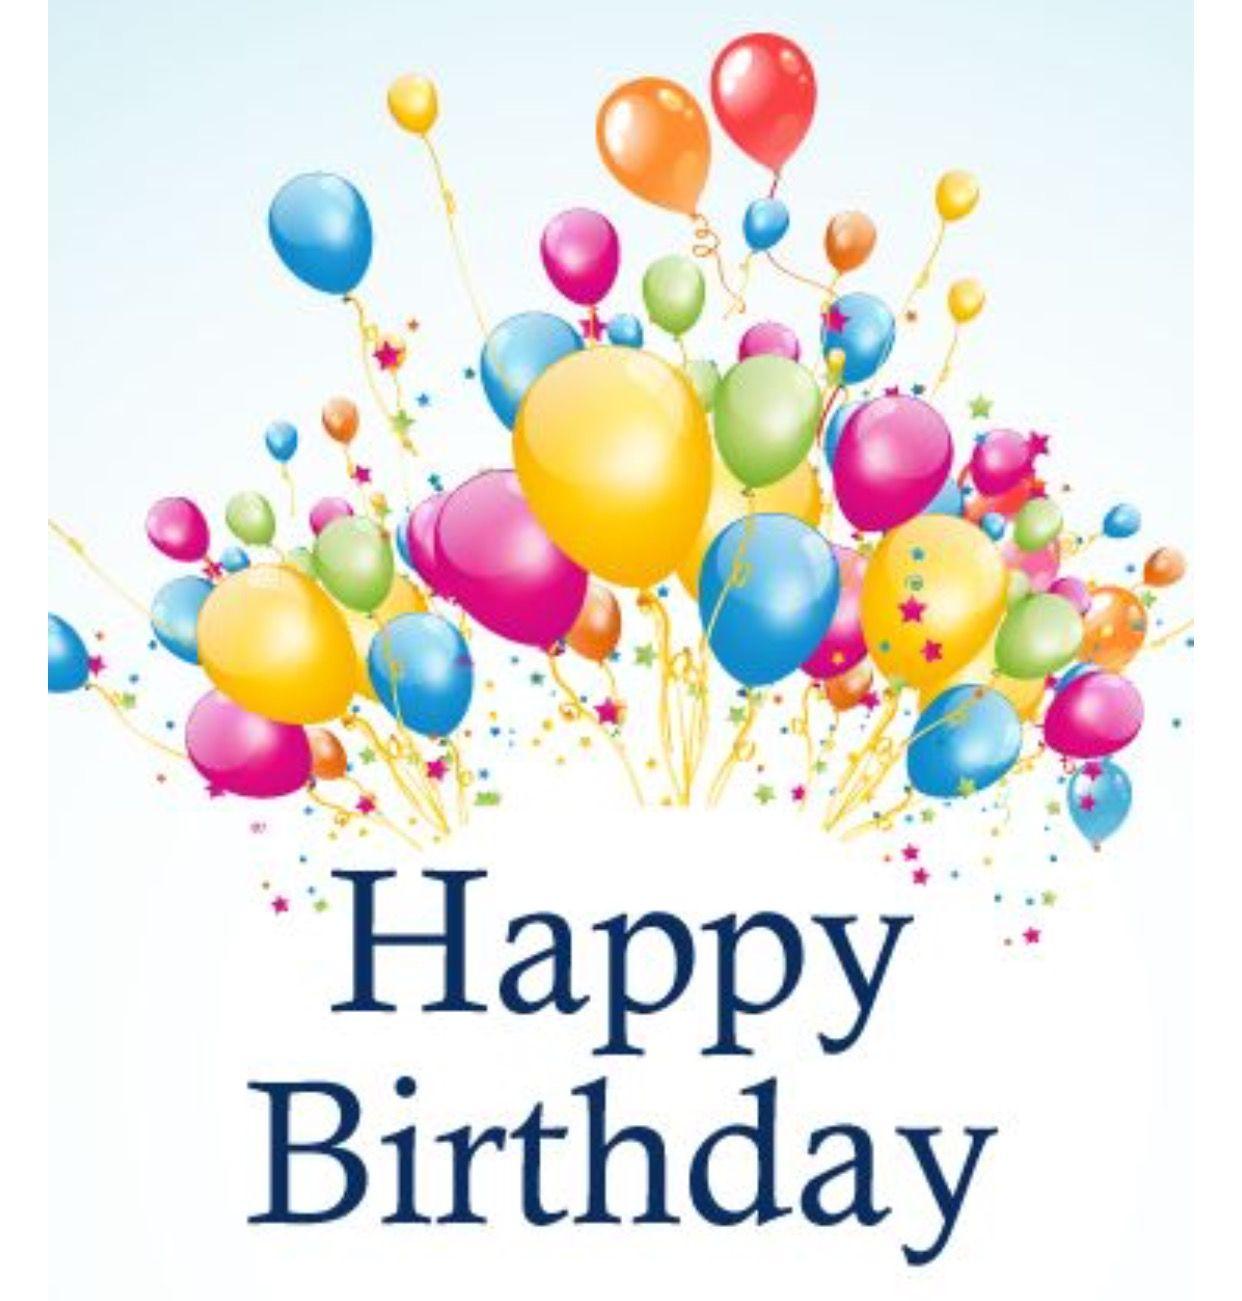 Pin by Connie Billian on Birthday FB Happy birthday